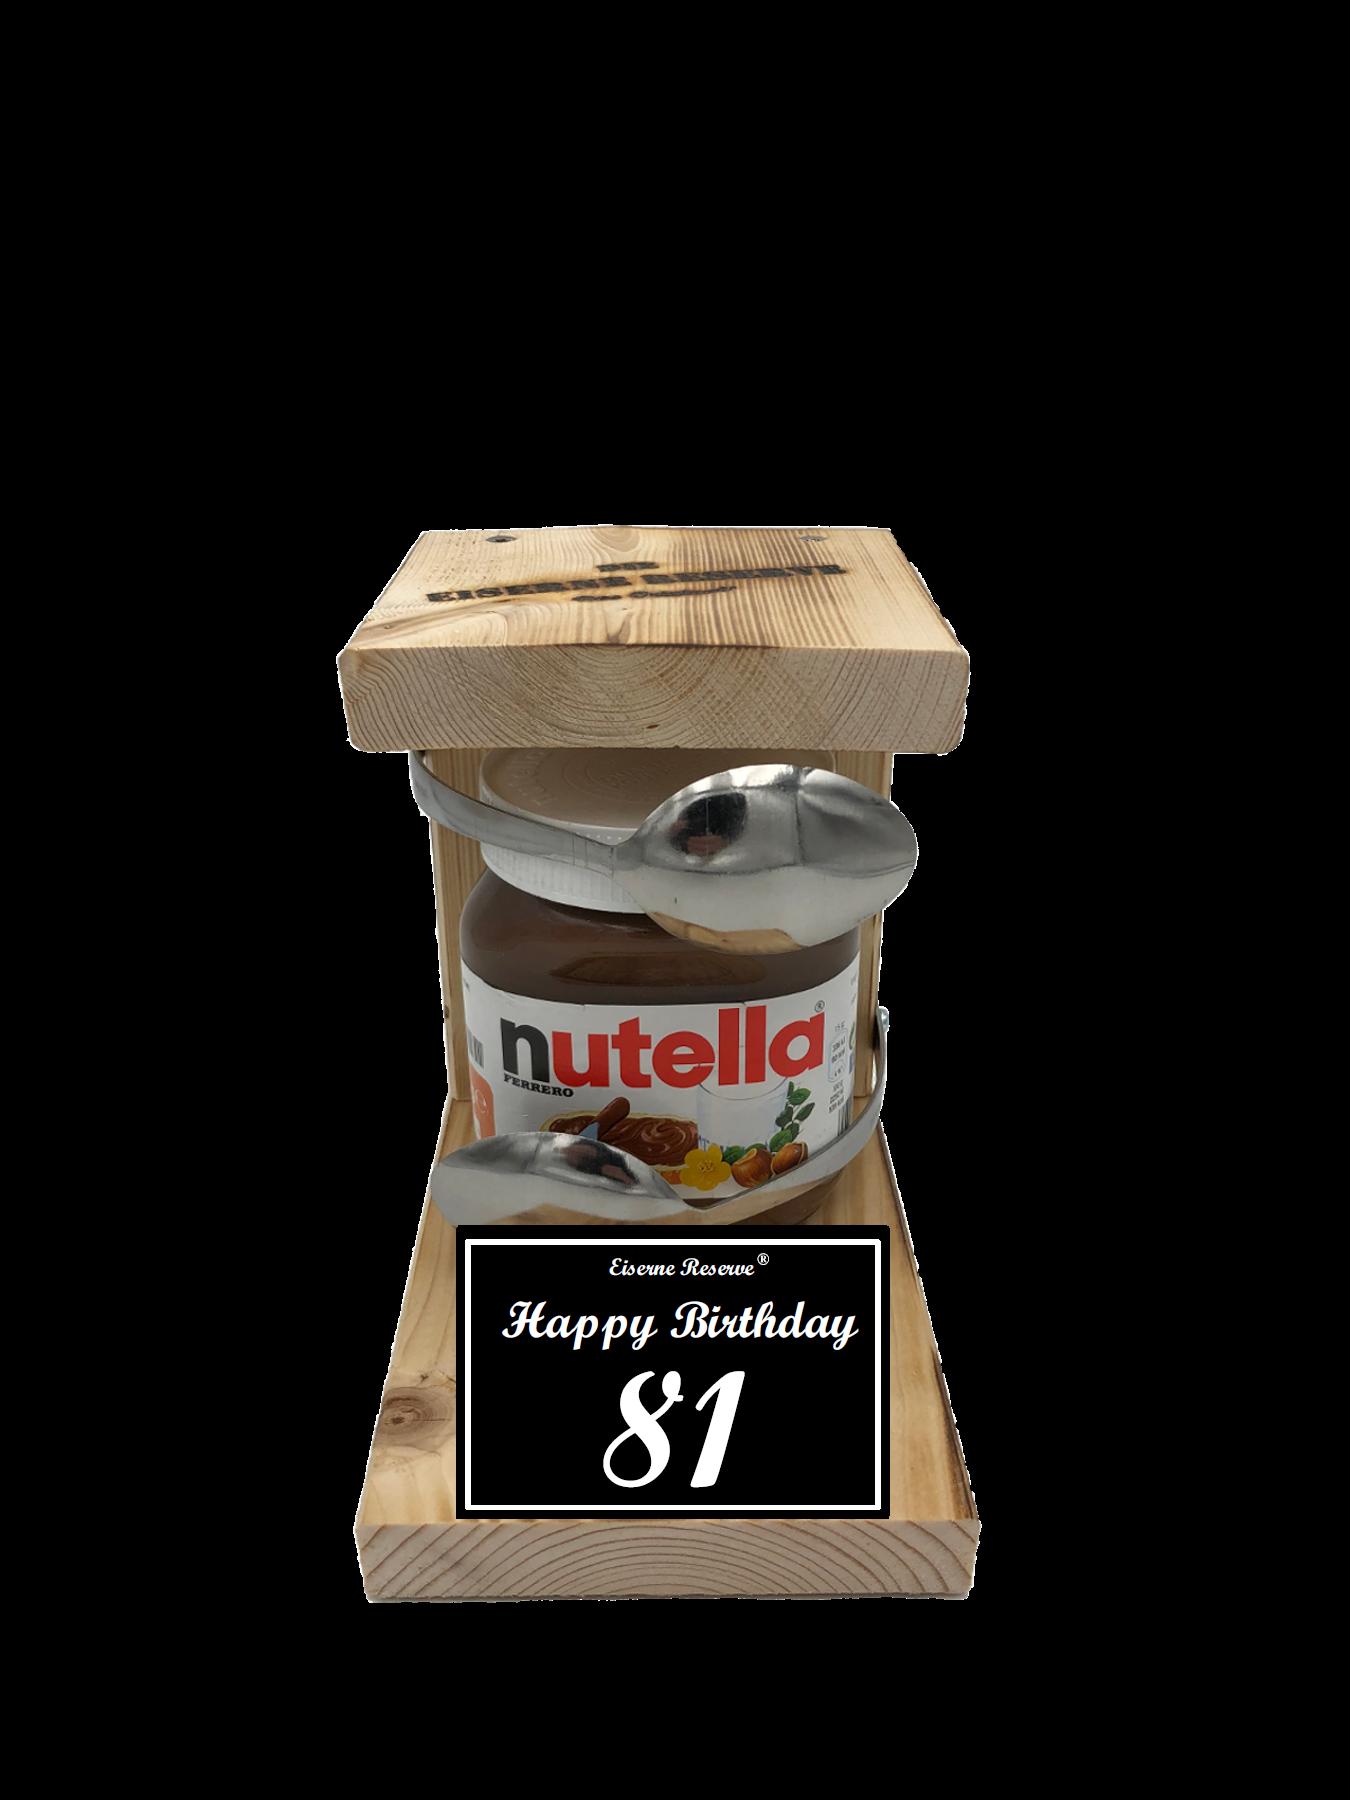 81 Happy Birthday Löffel Nutella Geschenk - Die Nutella Geschenkidee